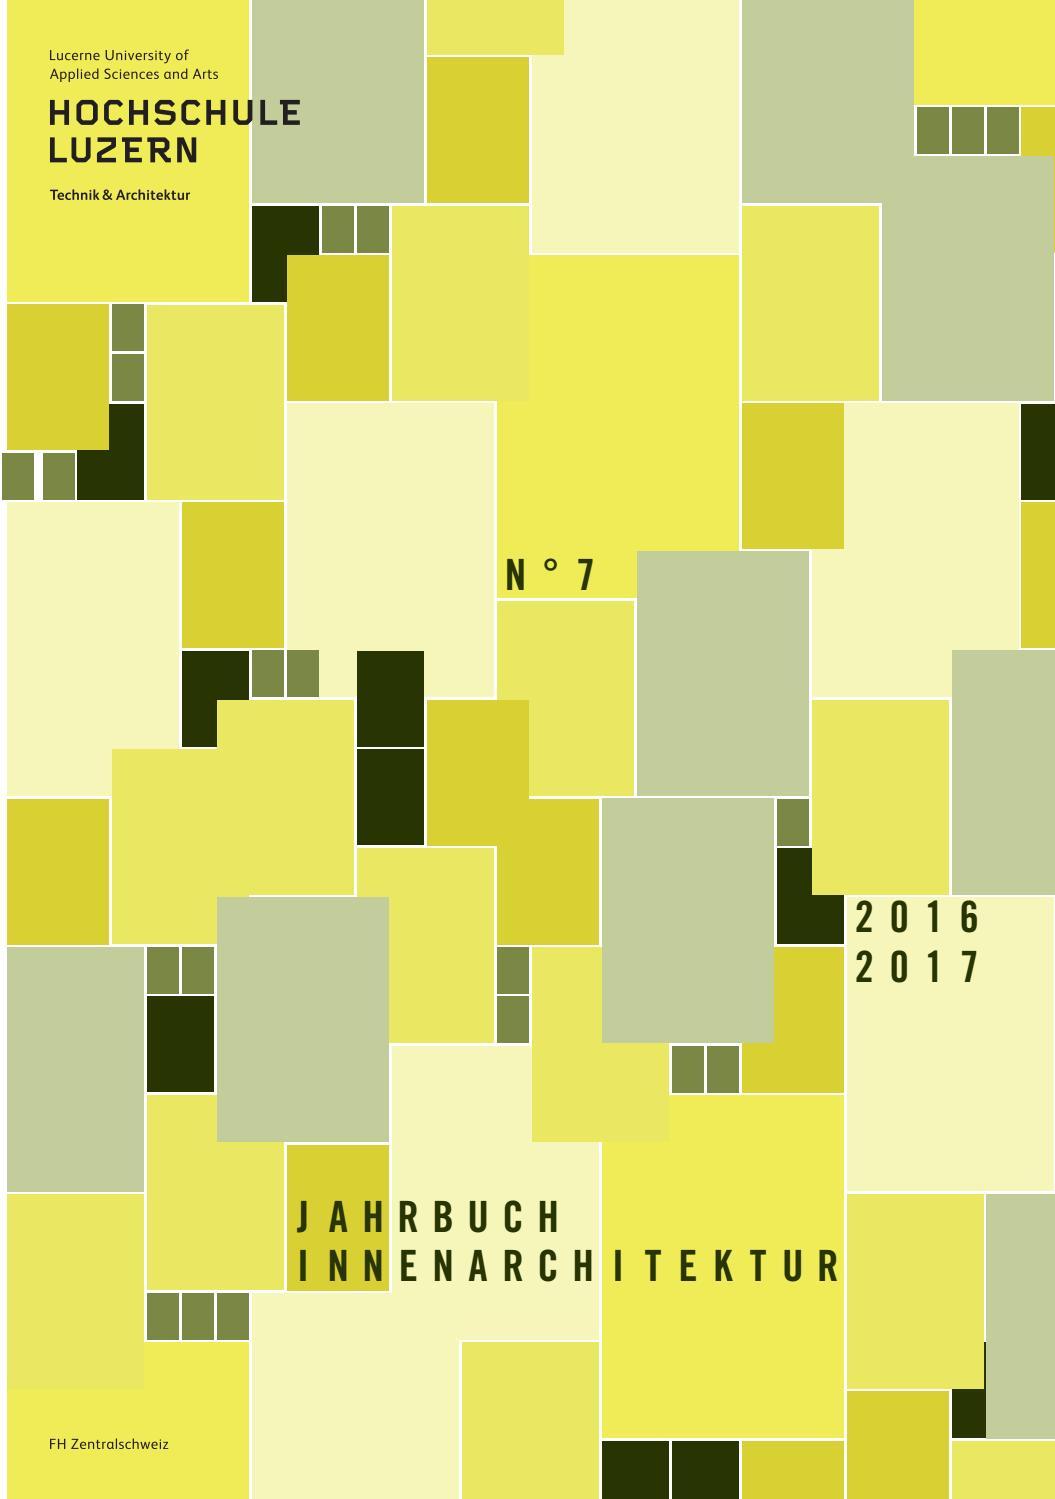 Jahrbuch Innenarchitektur 2016/2017 by Hochschule Luzern - issuu